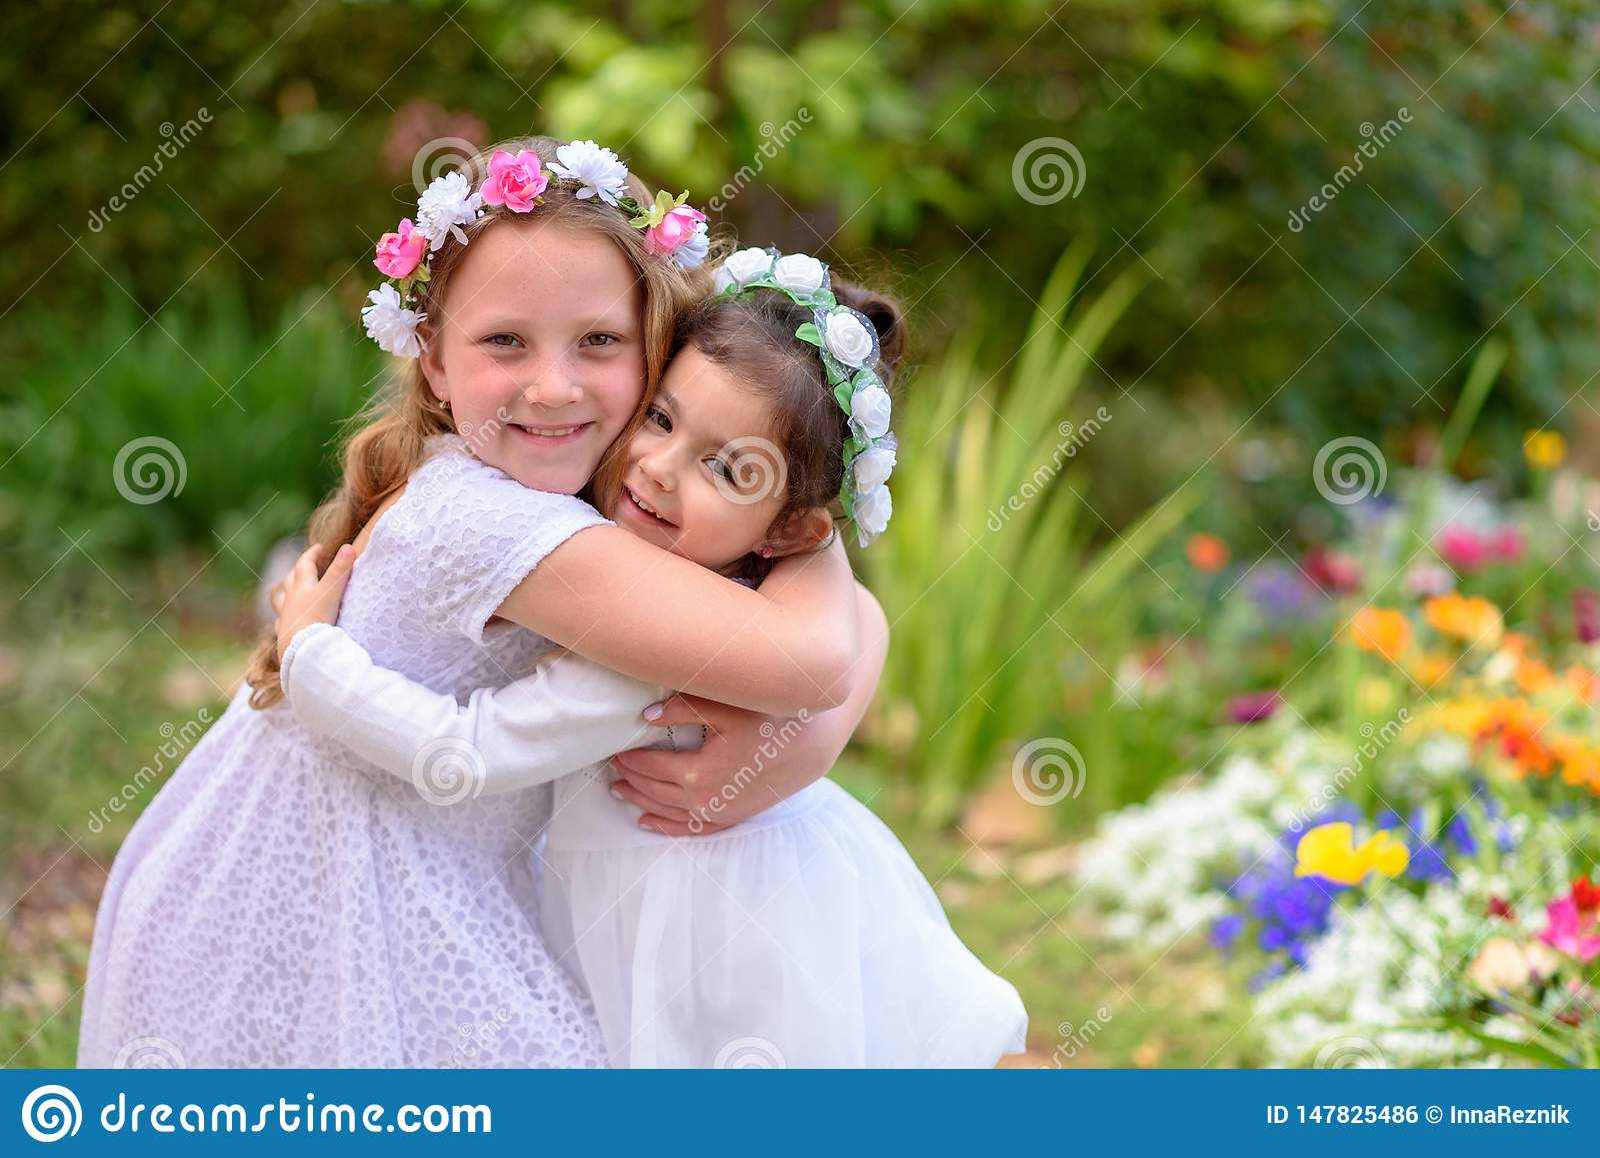 Dwa małej dziewczynki w białych sukniach ma zabawę lato ogród